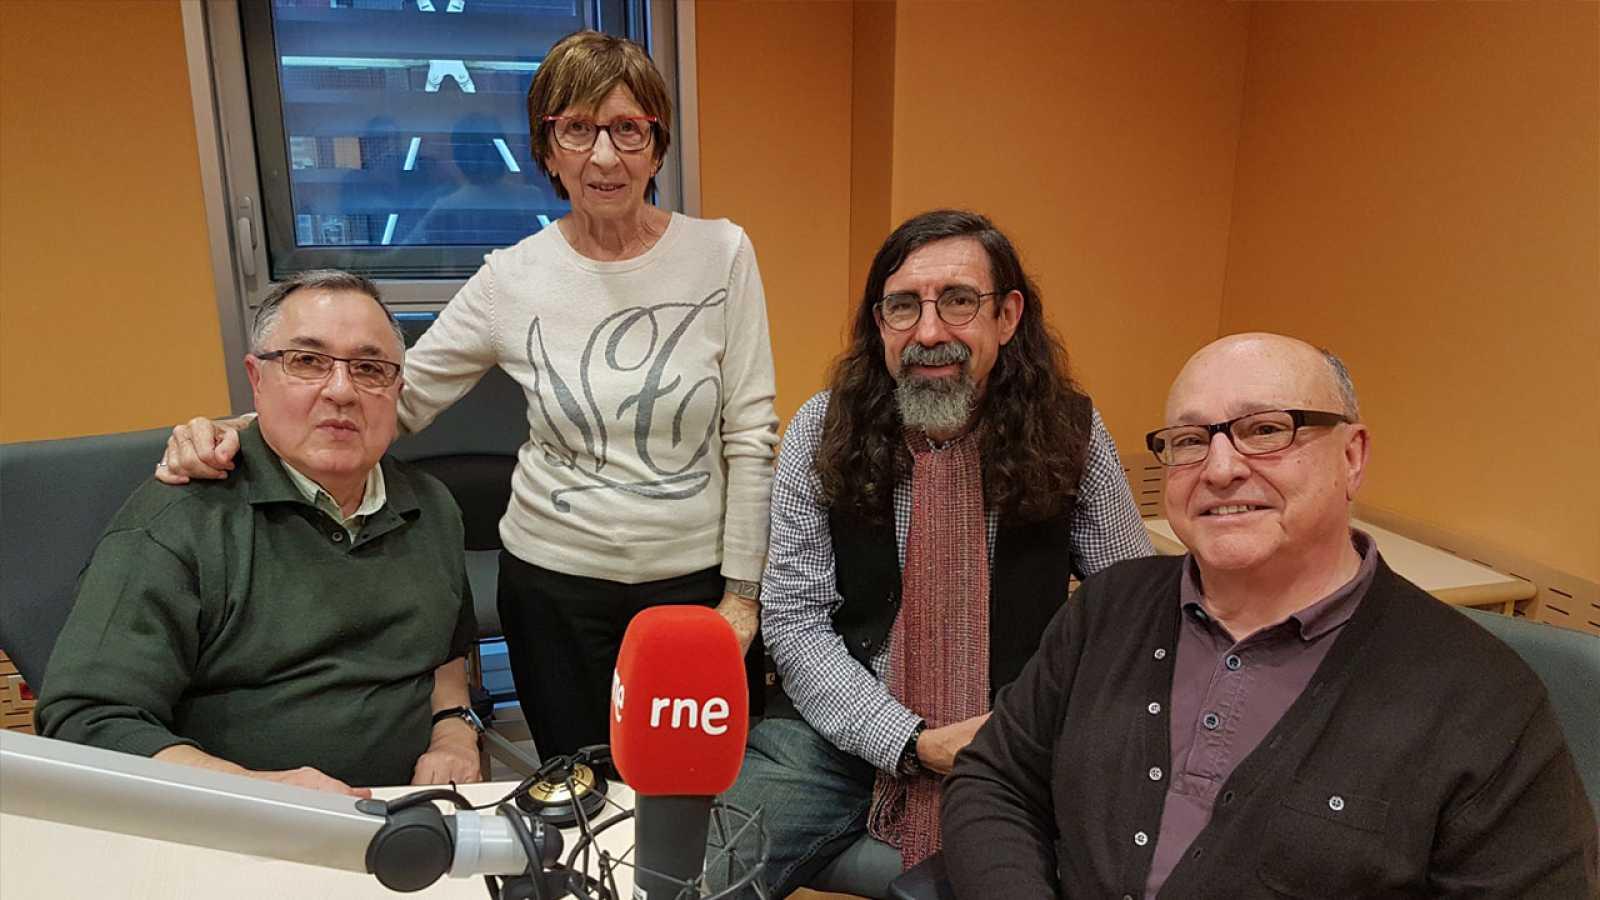 L'altra ràdio - Especial de L'altra ràdio, amb motiu dels 40 anys de Ràdio 4